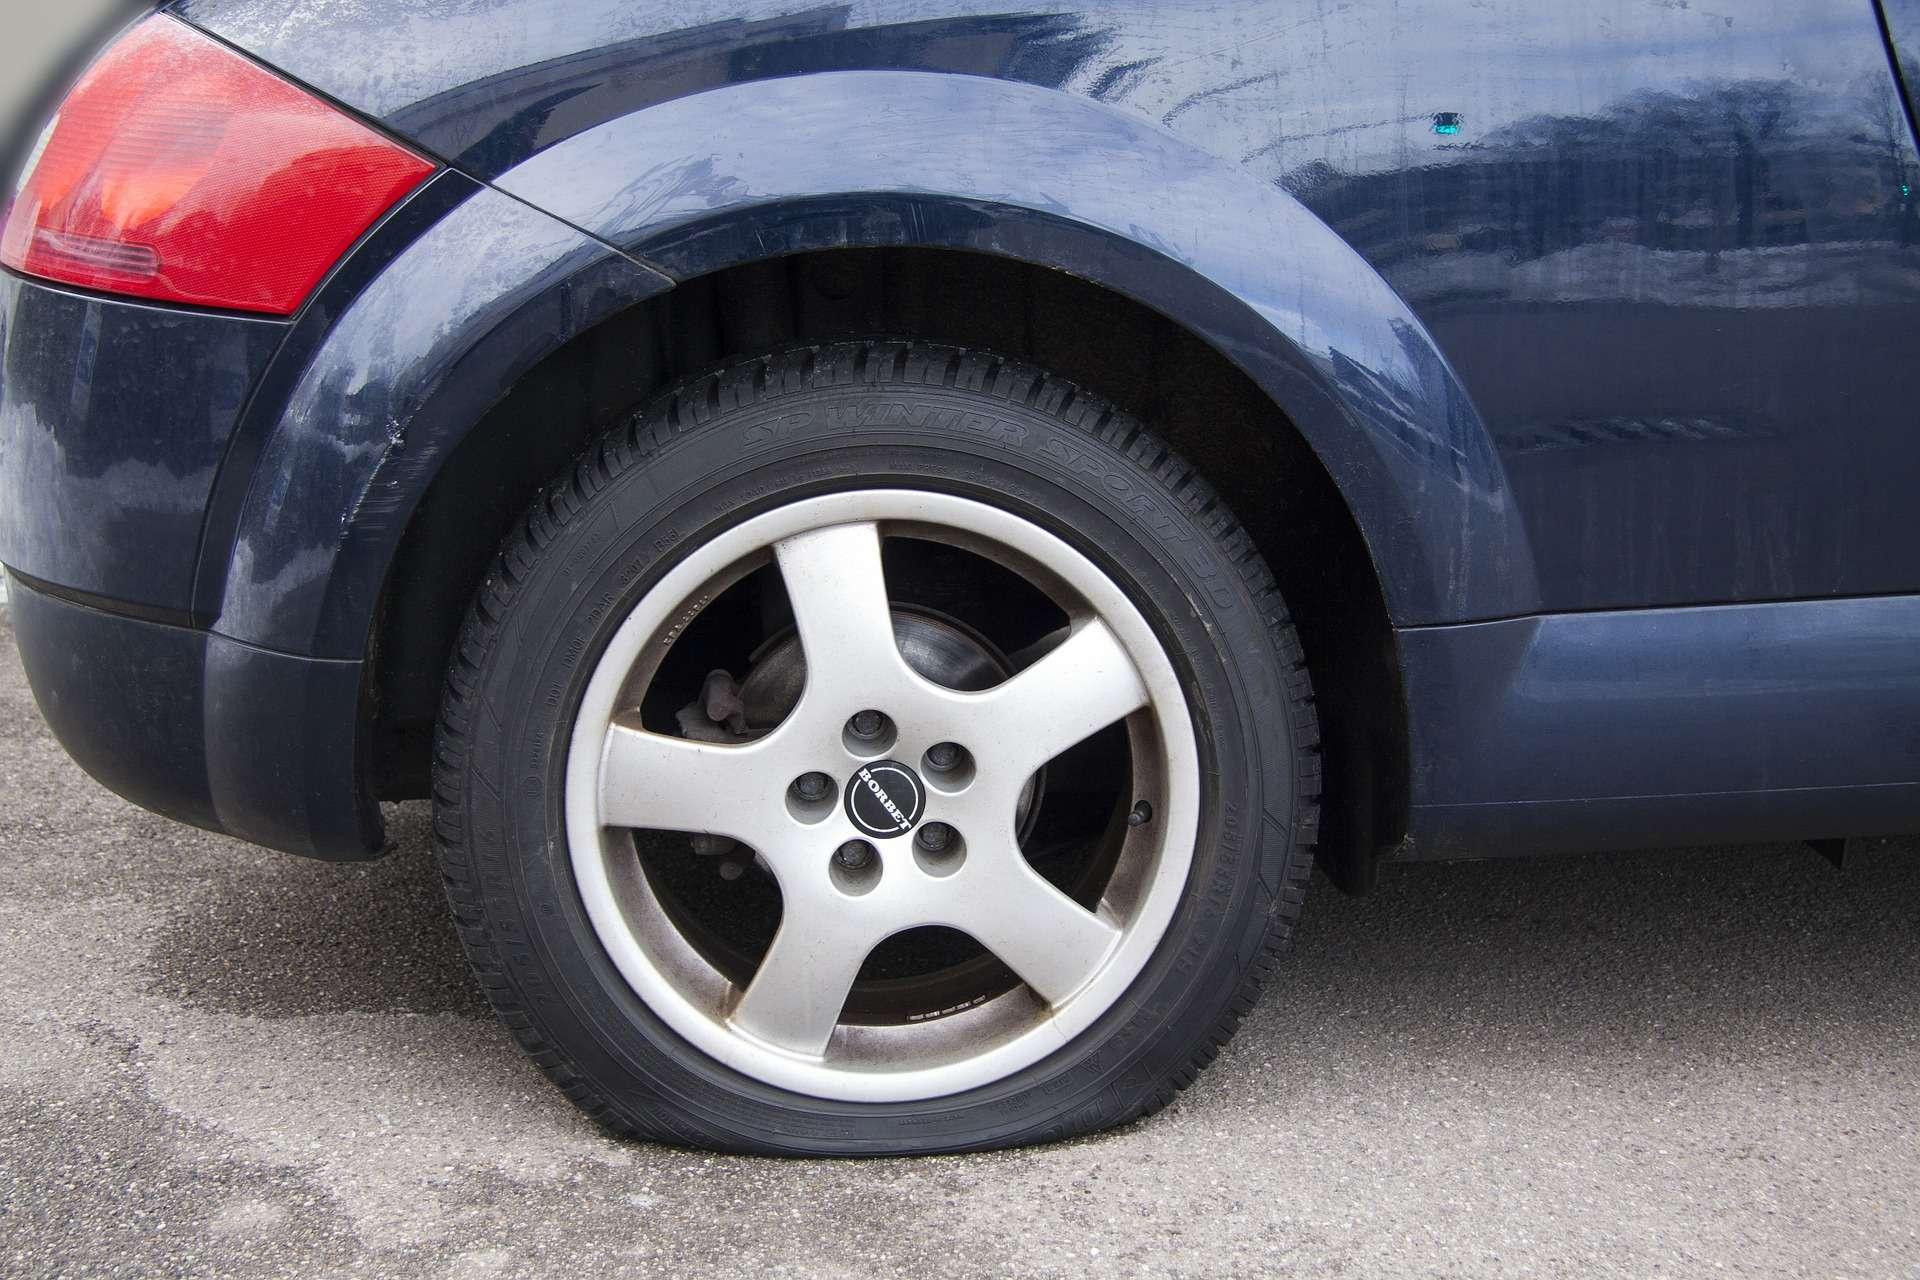 Bil med punktert dekk